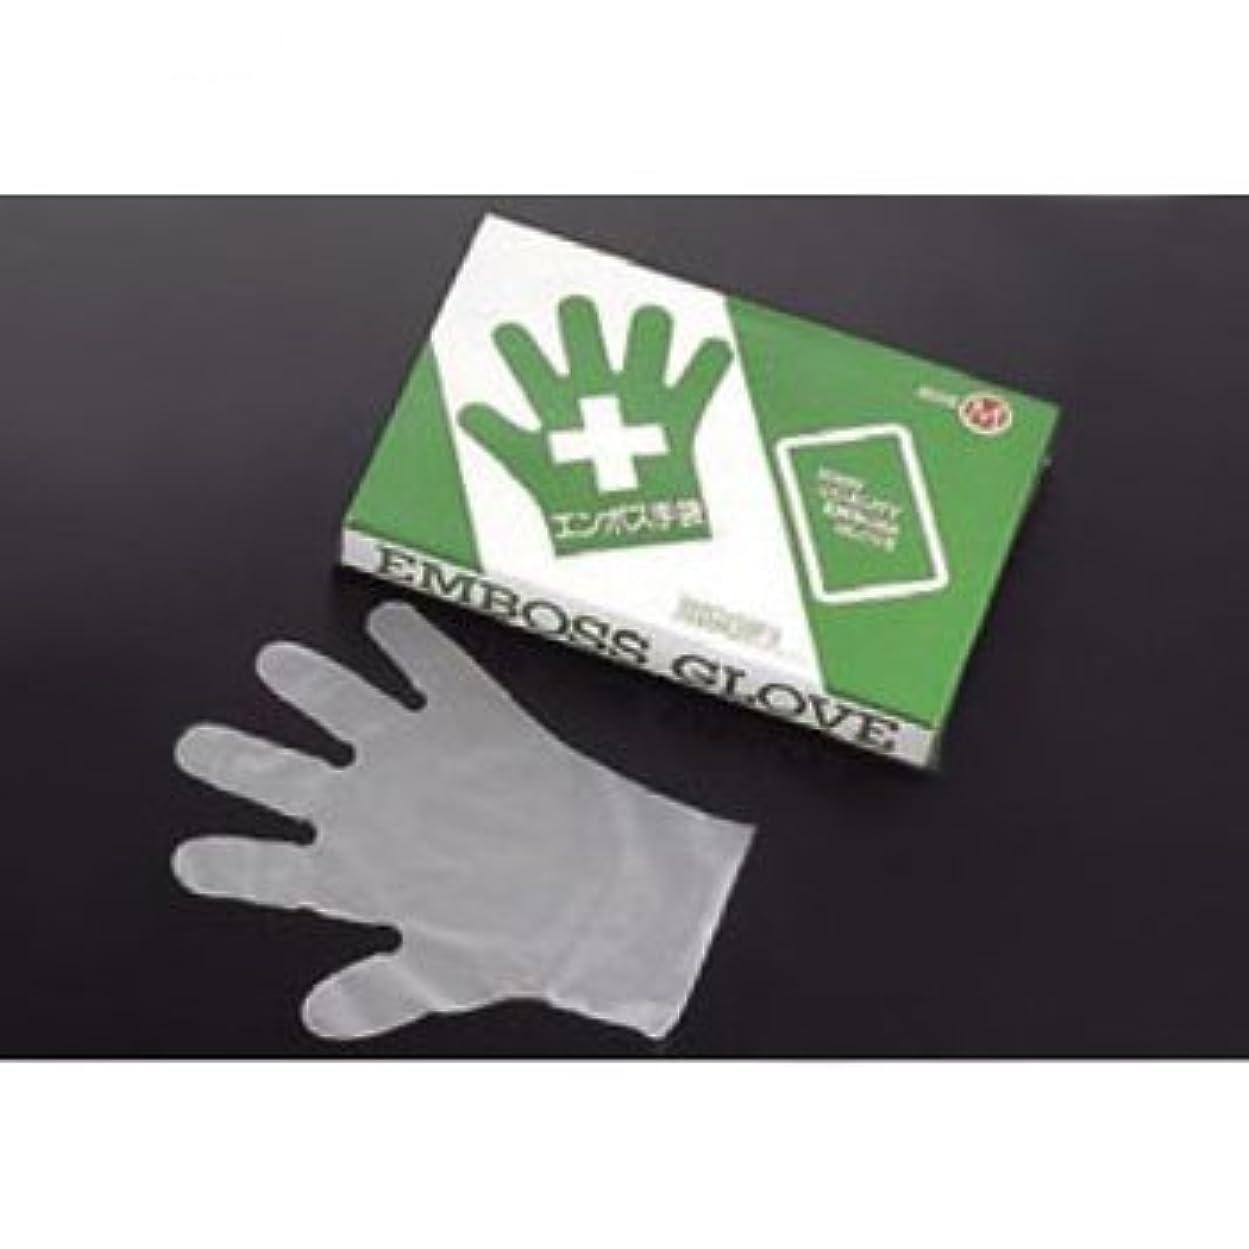 競合他社選手雄大な遅らせるエコノミー手袋#28 (外) L 五本絞り化粧箱 200枚入